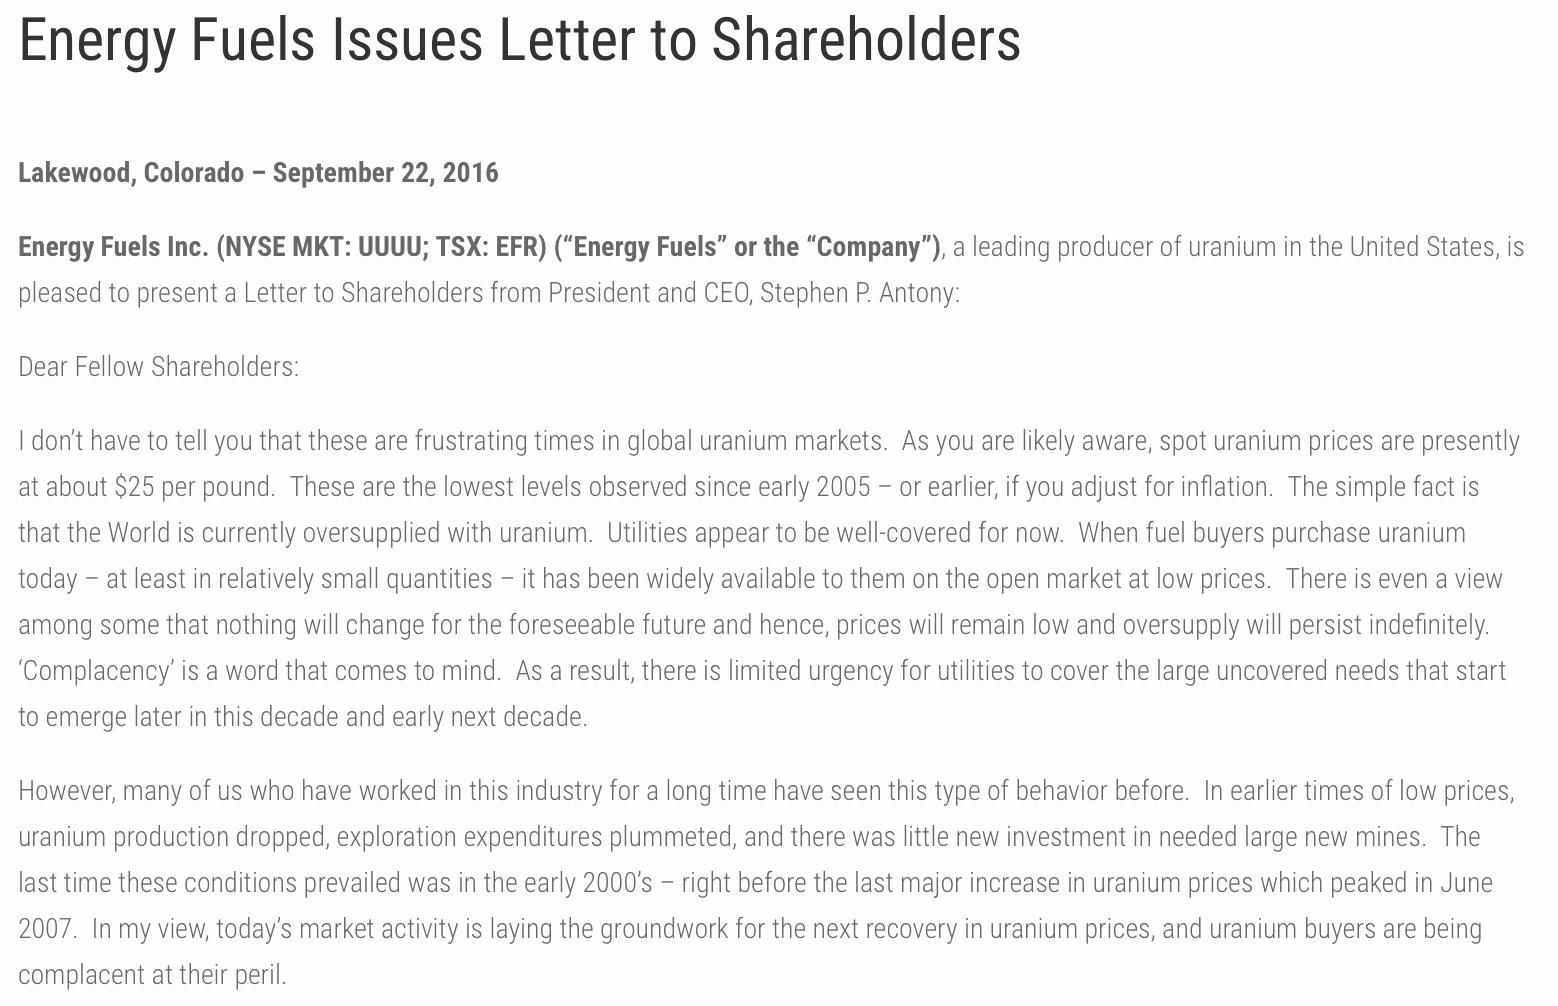 Shareholder Letter Examples Fresh Portfolio Update Adding to My Uranium Position September